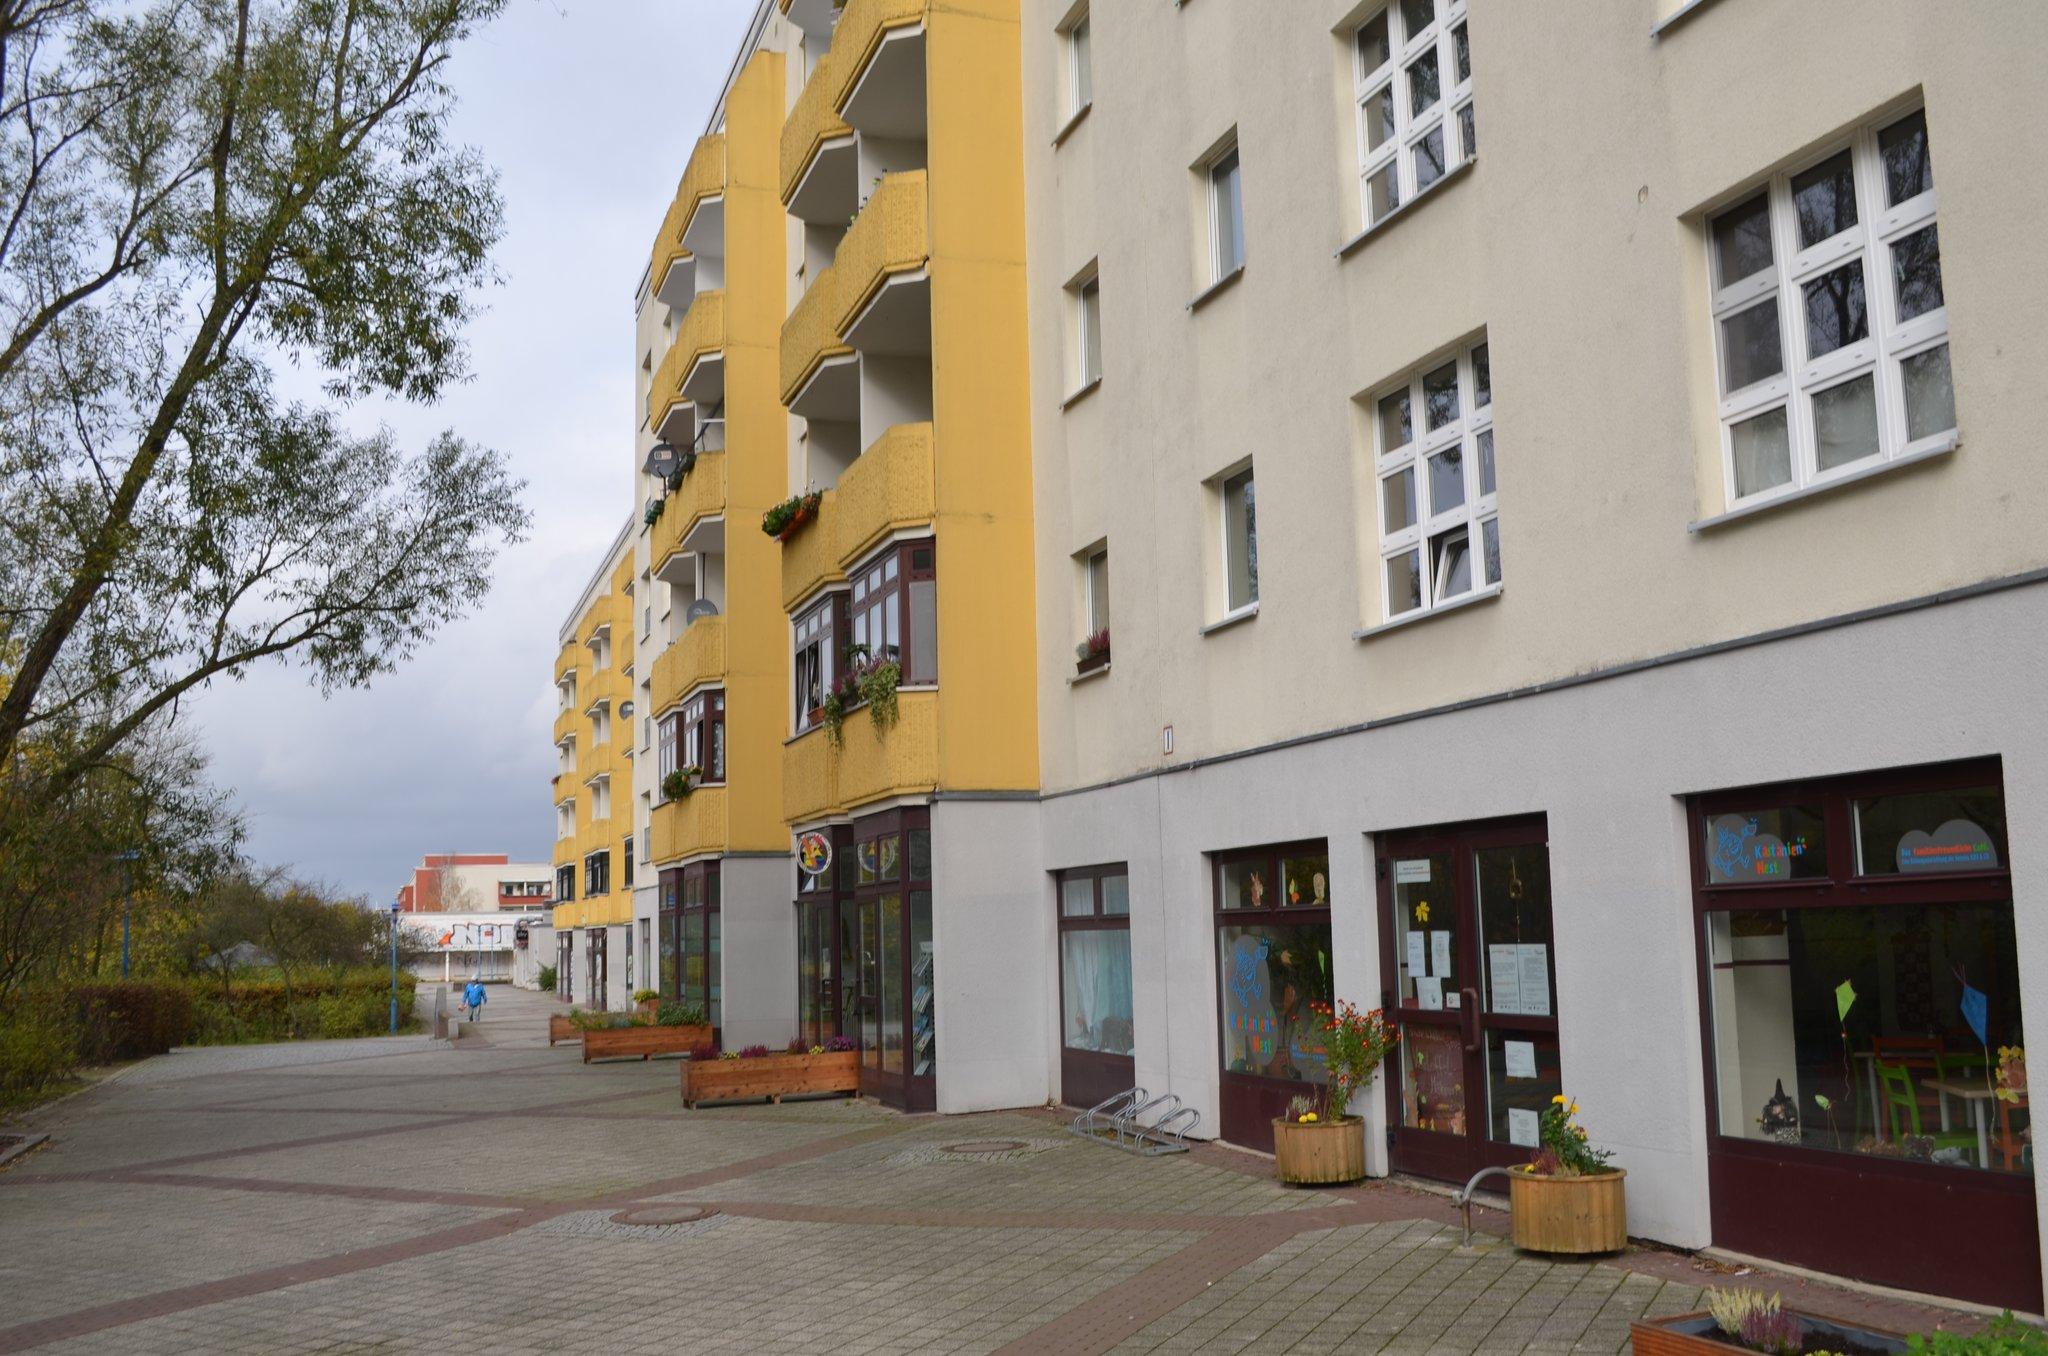 deutsche wohnen klagt vor verfassungsgerichtshof gegen mietspiegel hellersdorf. Black Bedroom Furniture Sets. Home Design Ideas